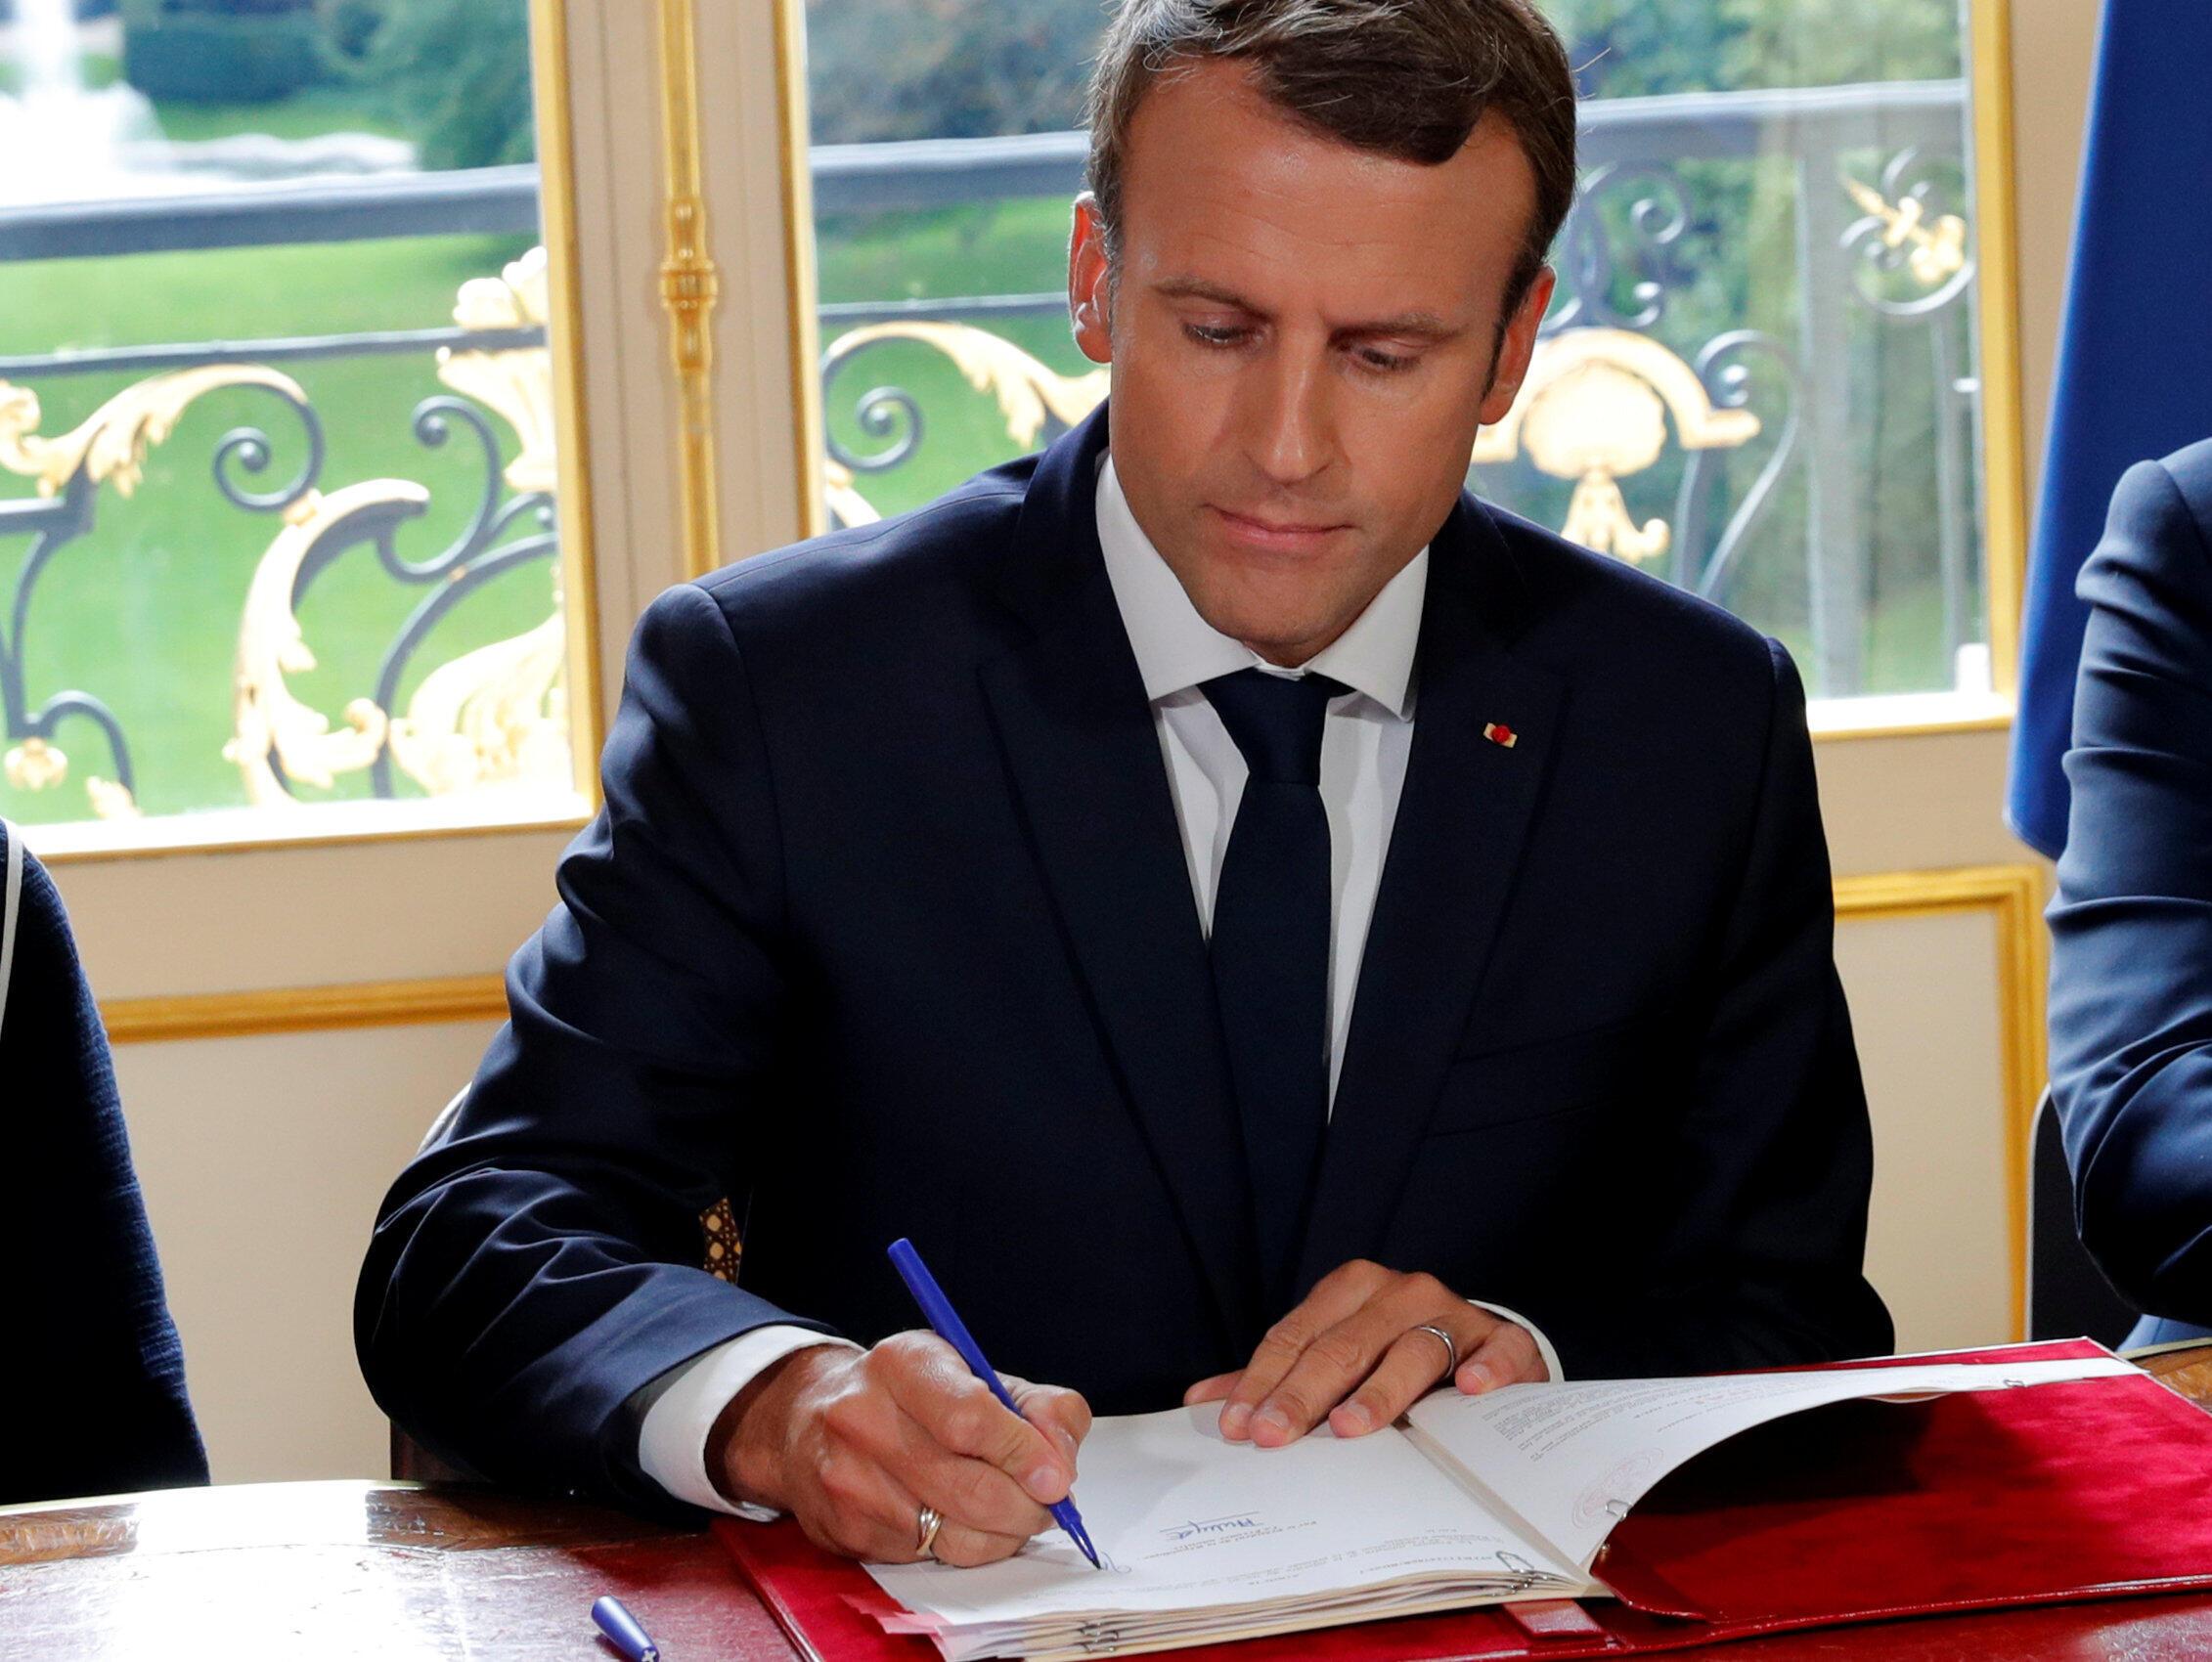 Президент Франции Эмманюэль Макрон подписывает указы о реформе трудового кодекса в своем кабинете в Елисейском дворце, 22 сентября 2017 года, Париж.